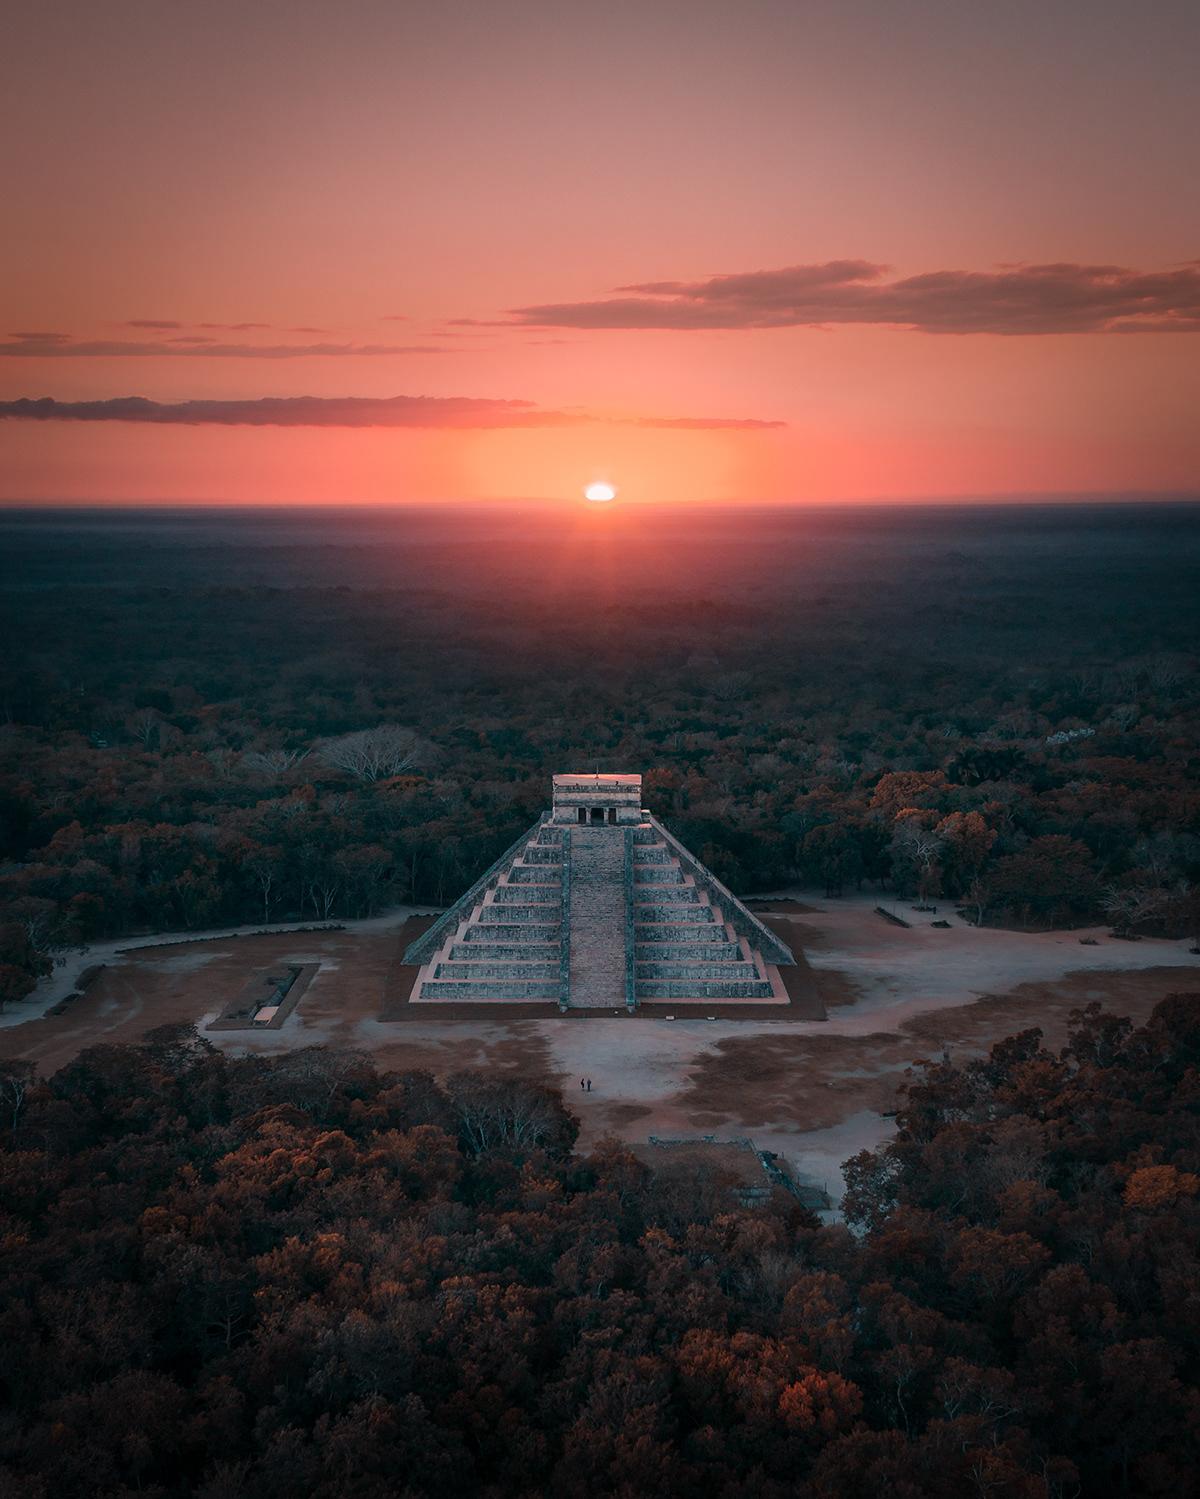 mexico drone pyramid senote tulum oaxaca DJI mavic Aerial Photography